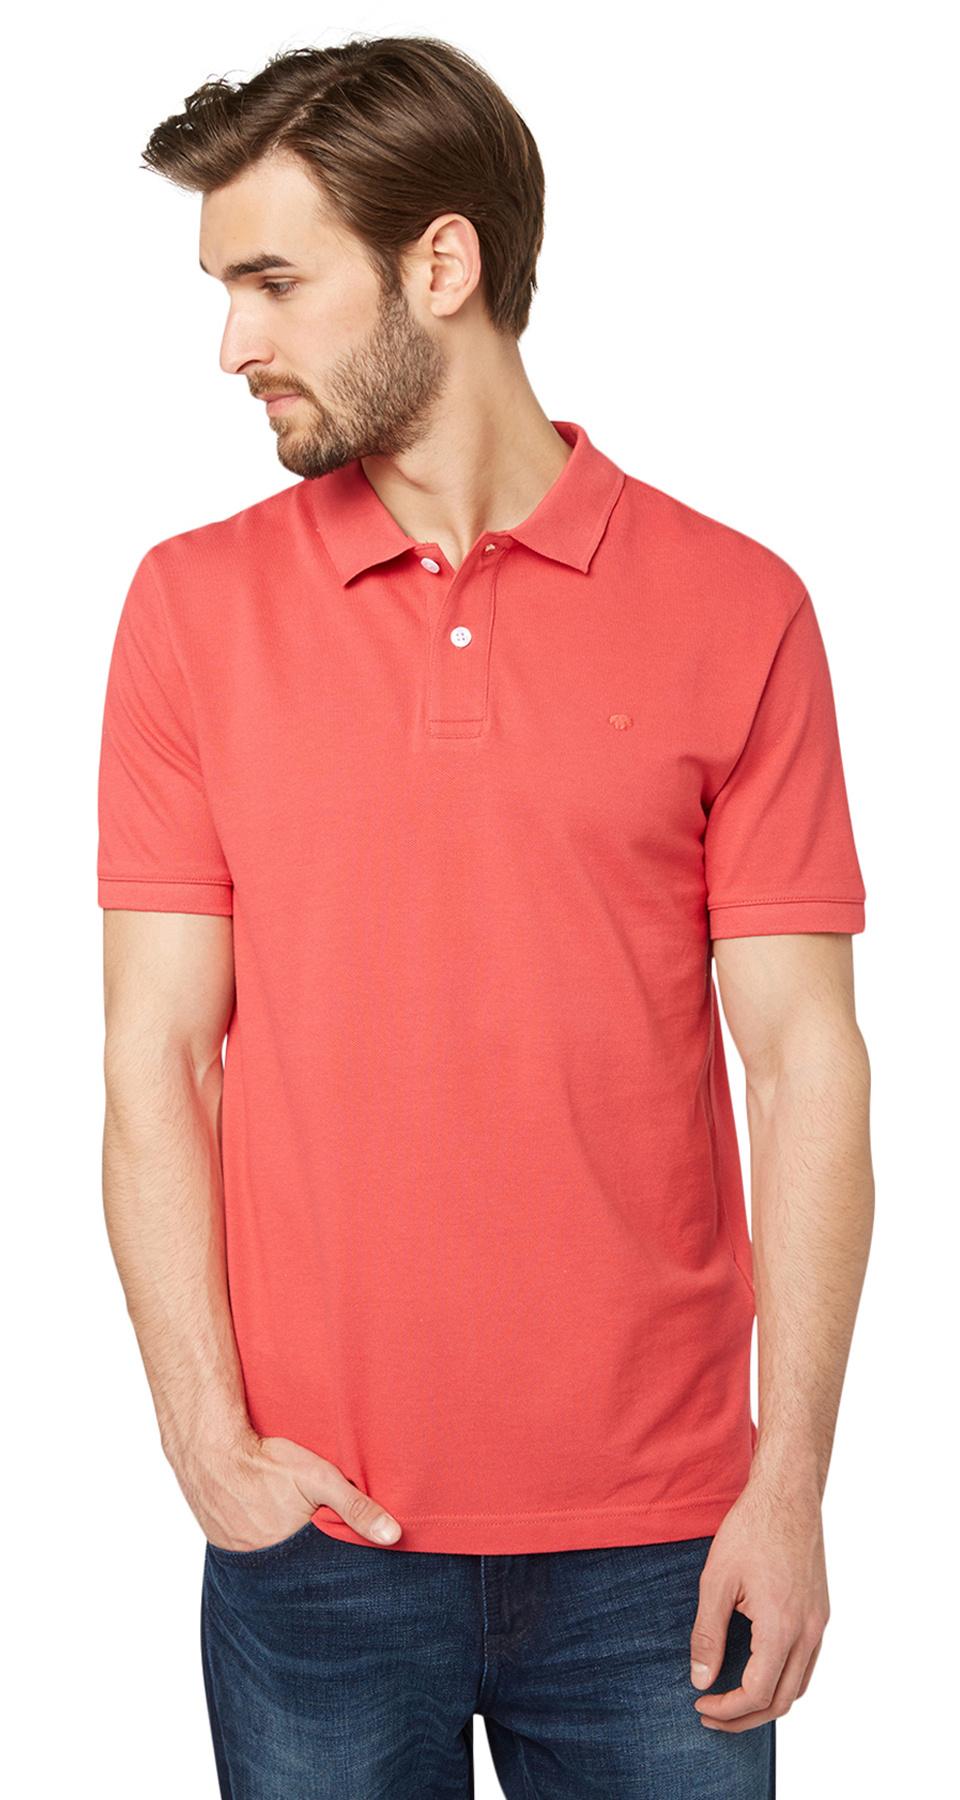 Tom Tailor pánské polo triko 15307560010/4273 Červená XL